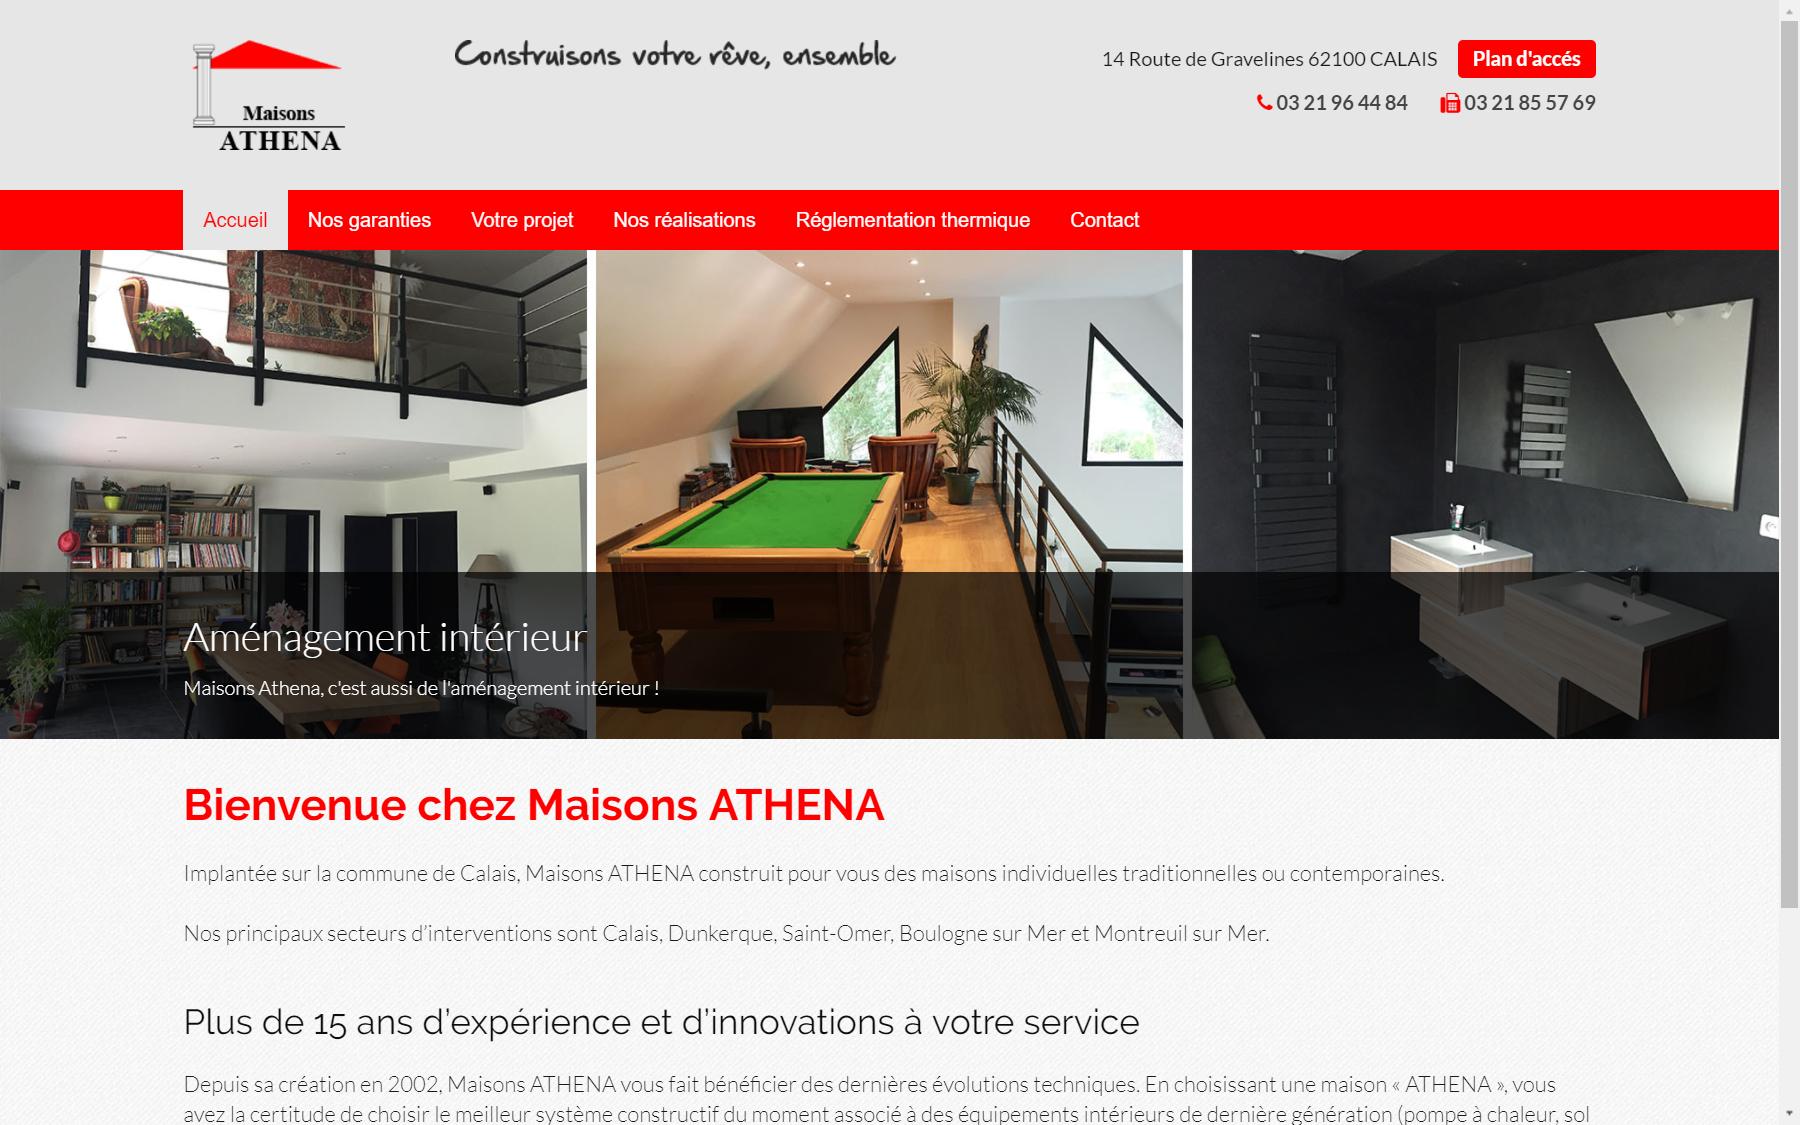 Agence coteo cr ation du site internet du constructeur for Site constructeur